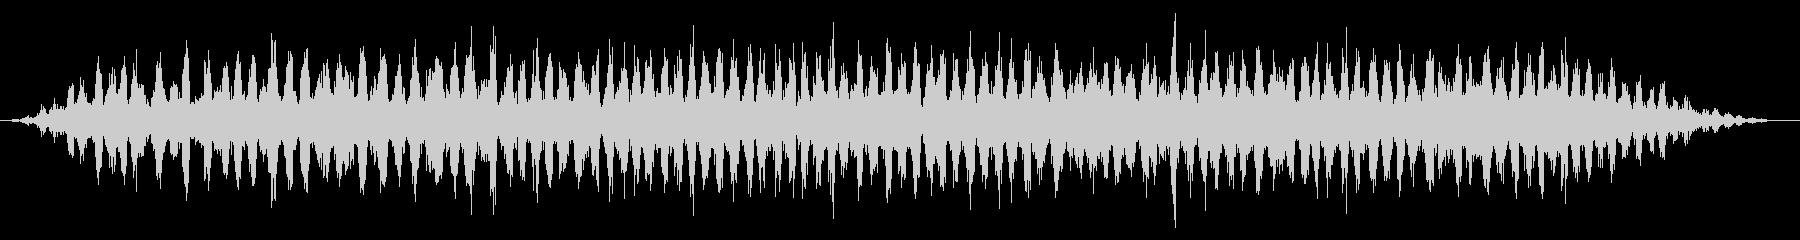 カエル/田舎/梅雨(20秒Ver.)の未再生の波形